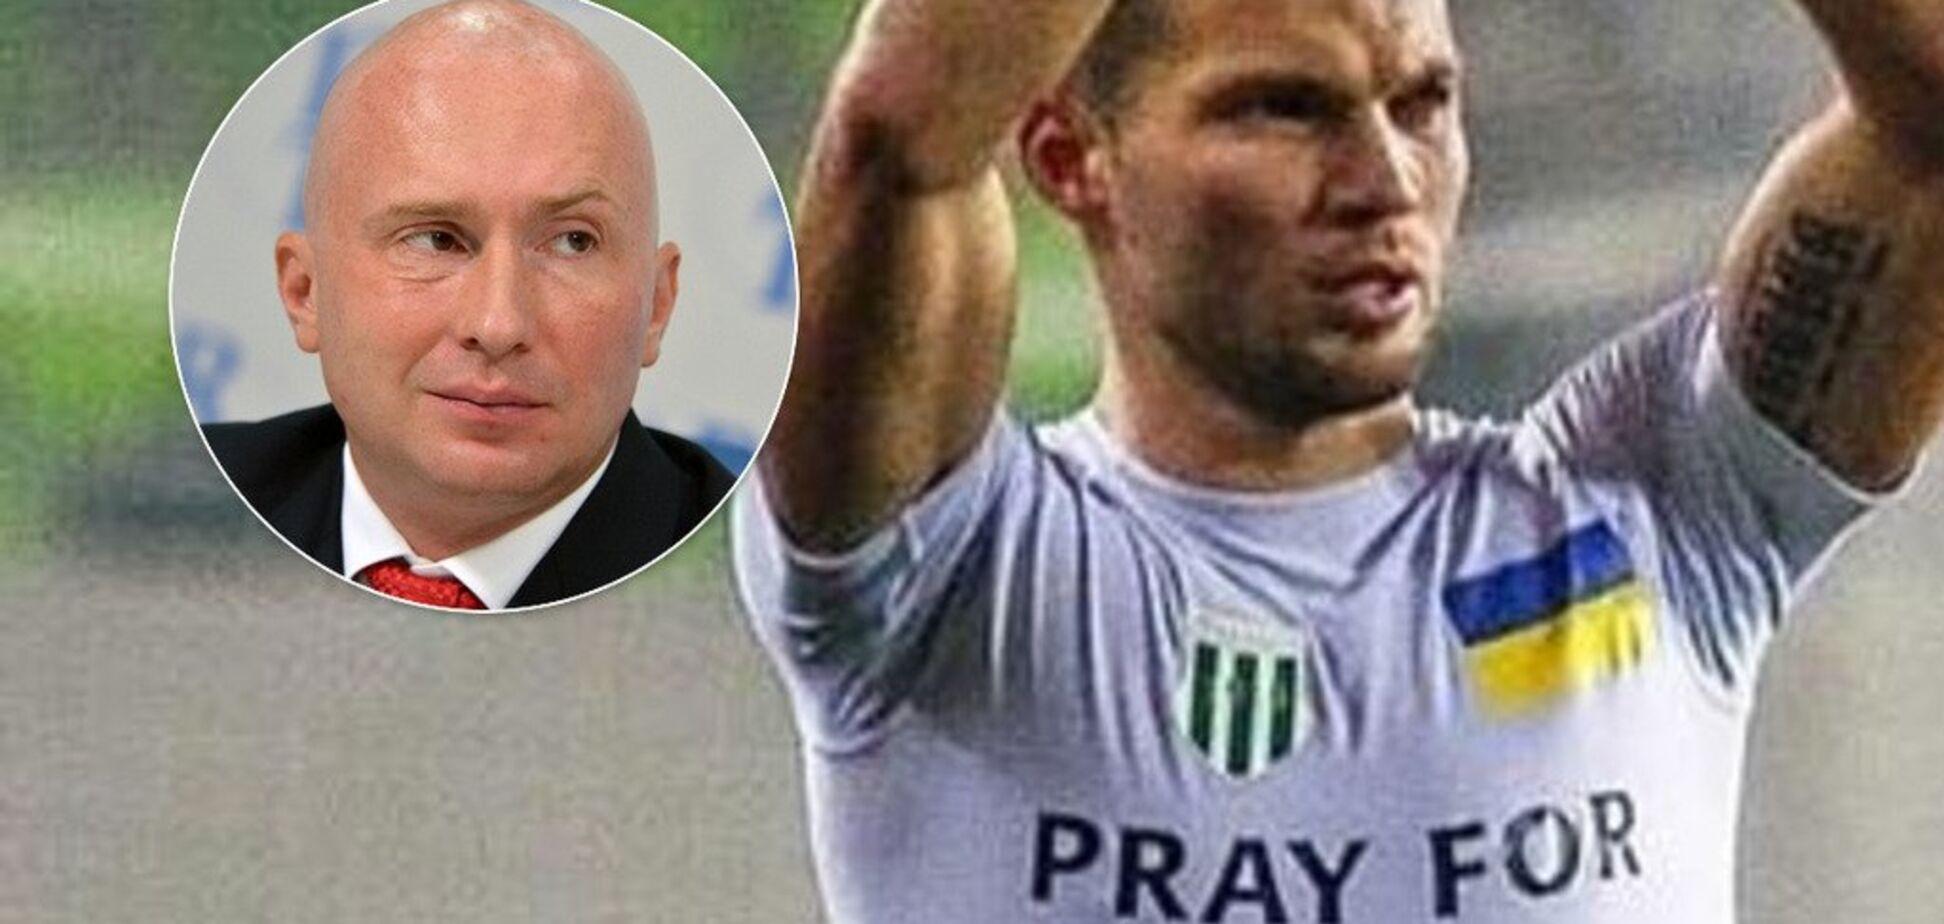 'Москальская морда' от украинского футболиста вызвала истерику в ГосДуме